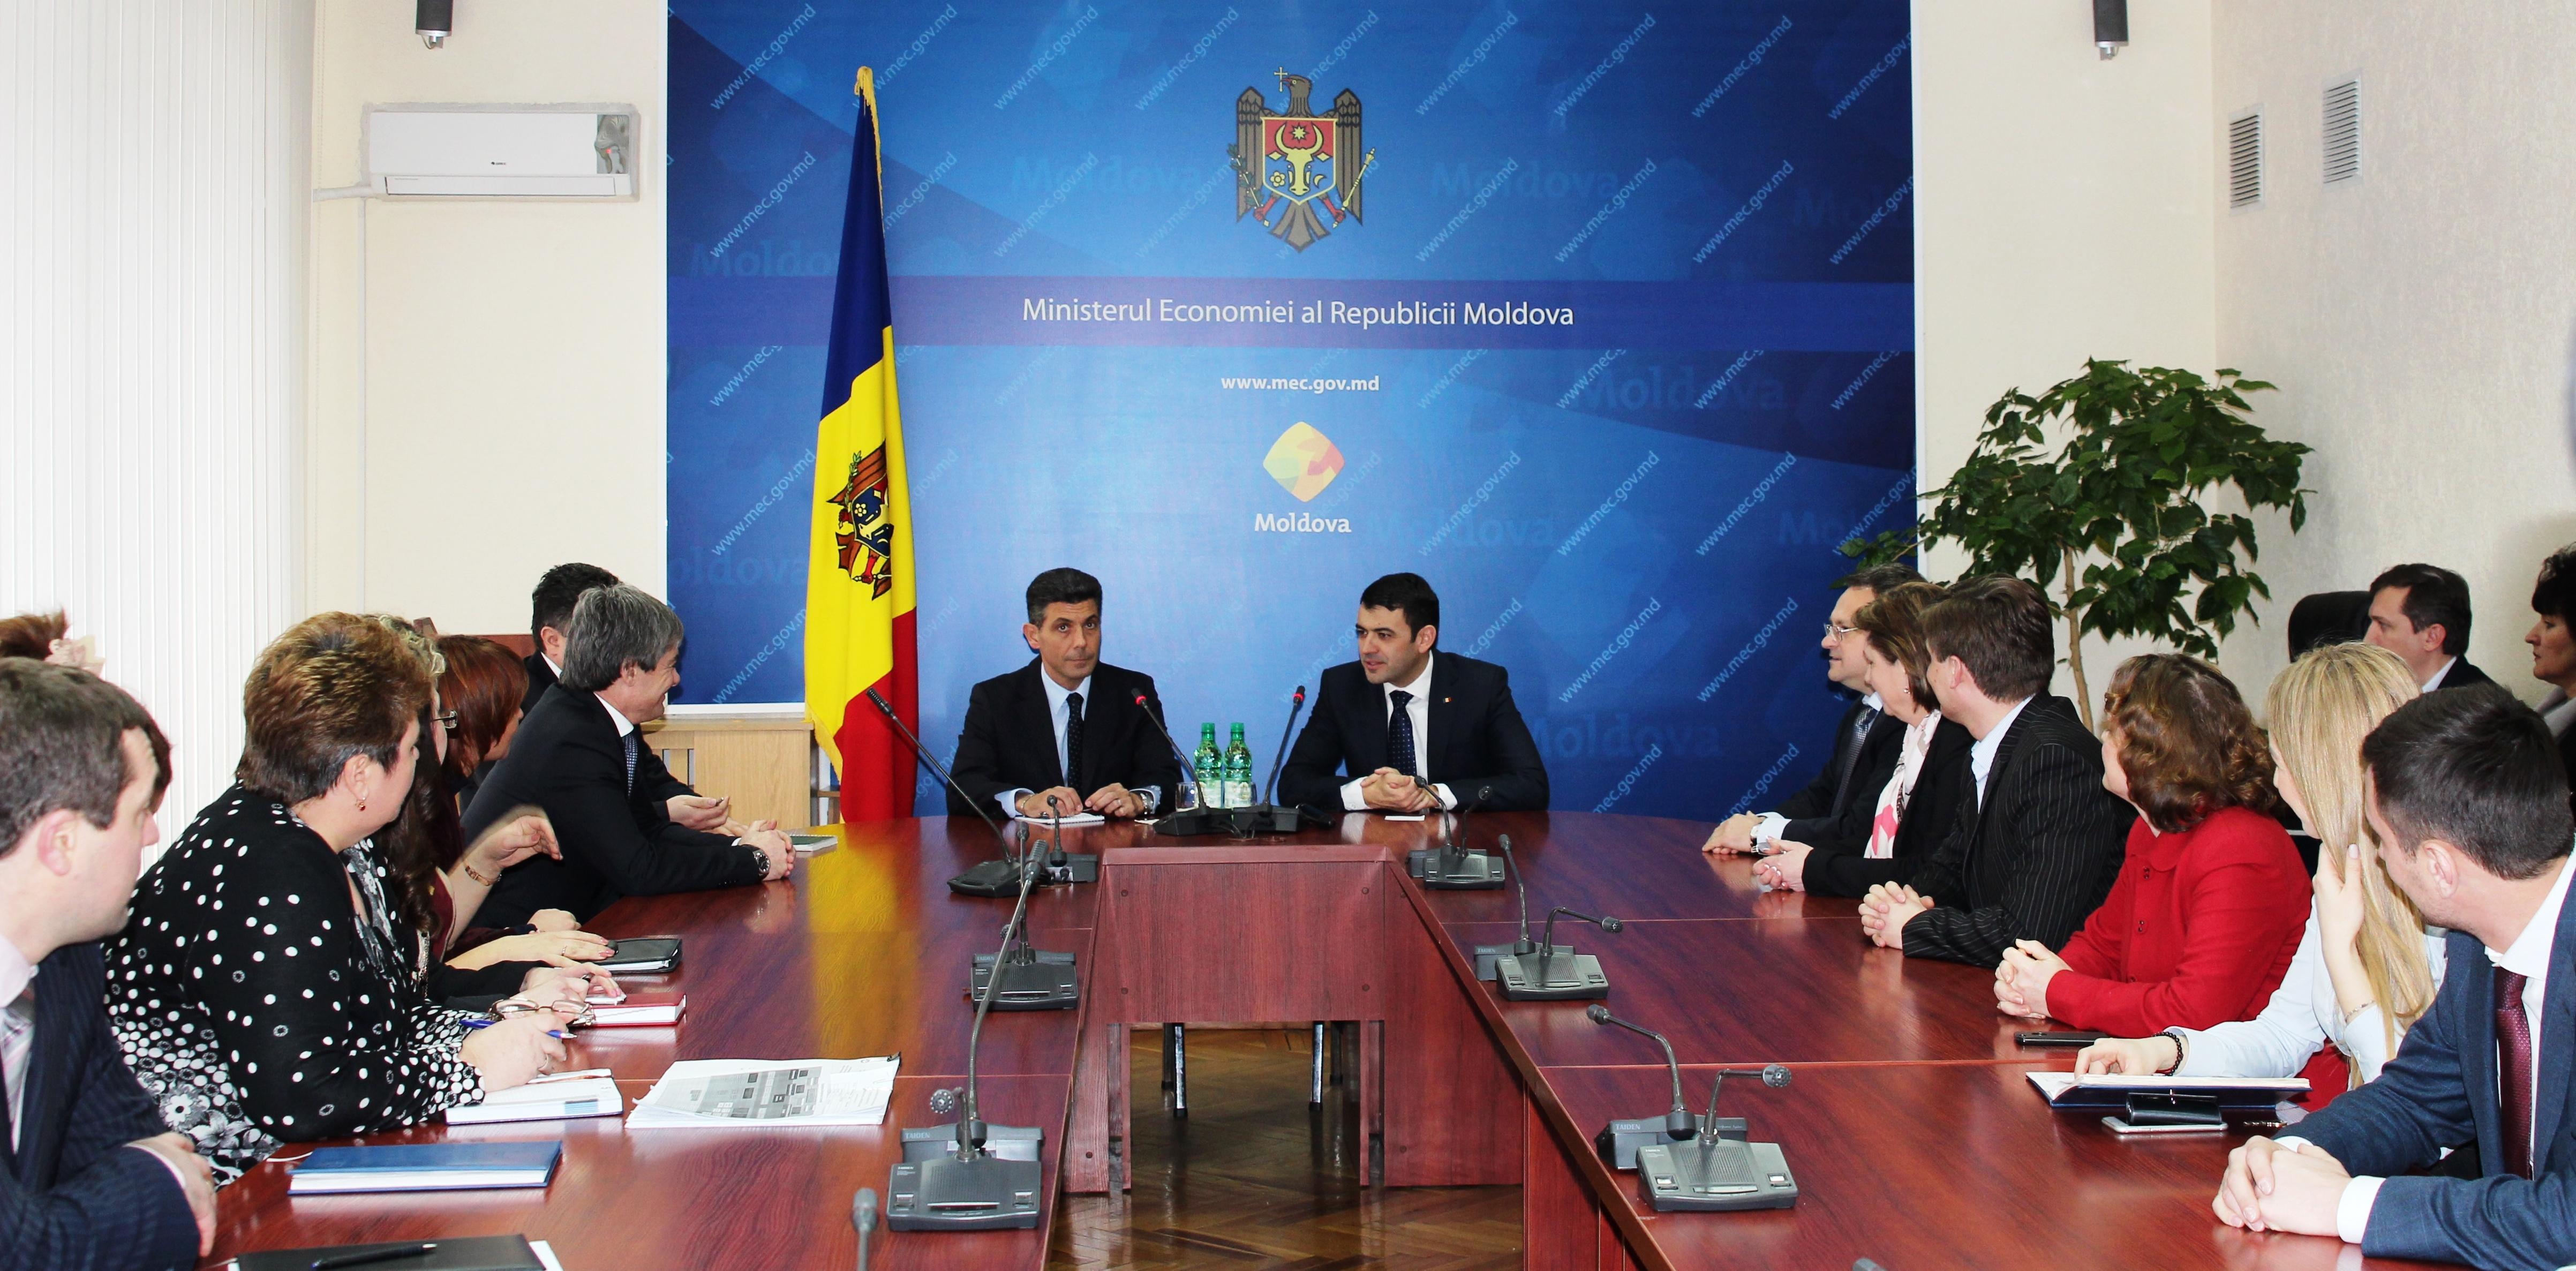 Ministrul Economiei: Îmi voi îndrepta efortul pentru realizarea Programului de guvernare